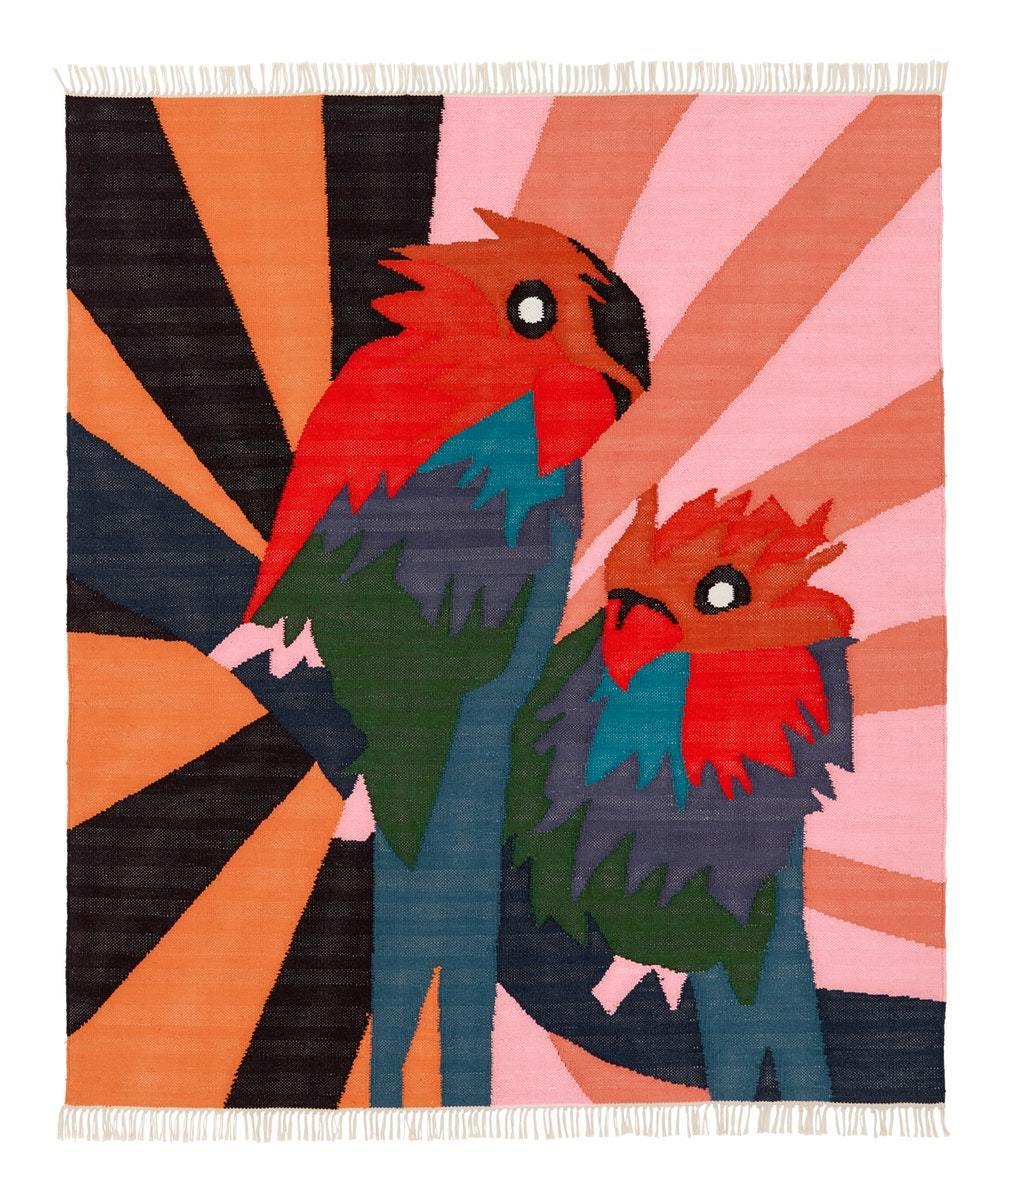 倫敦設計師Craig Green用巨大的色塊拼接成鸚鵡形狀,構成了他對於天堂的幻...